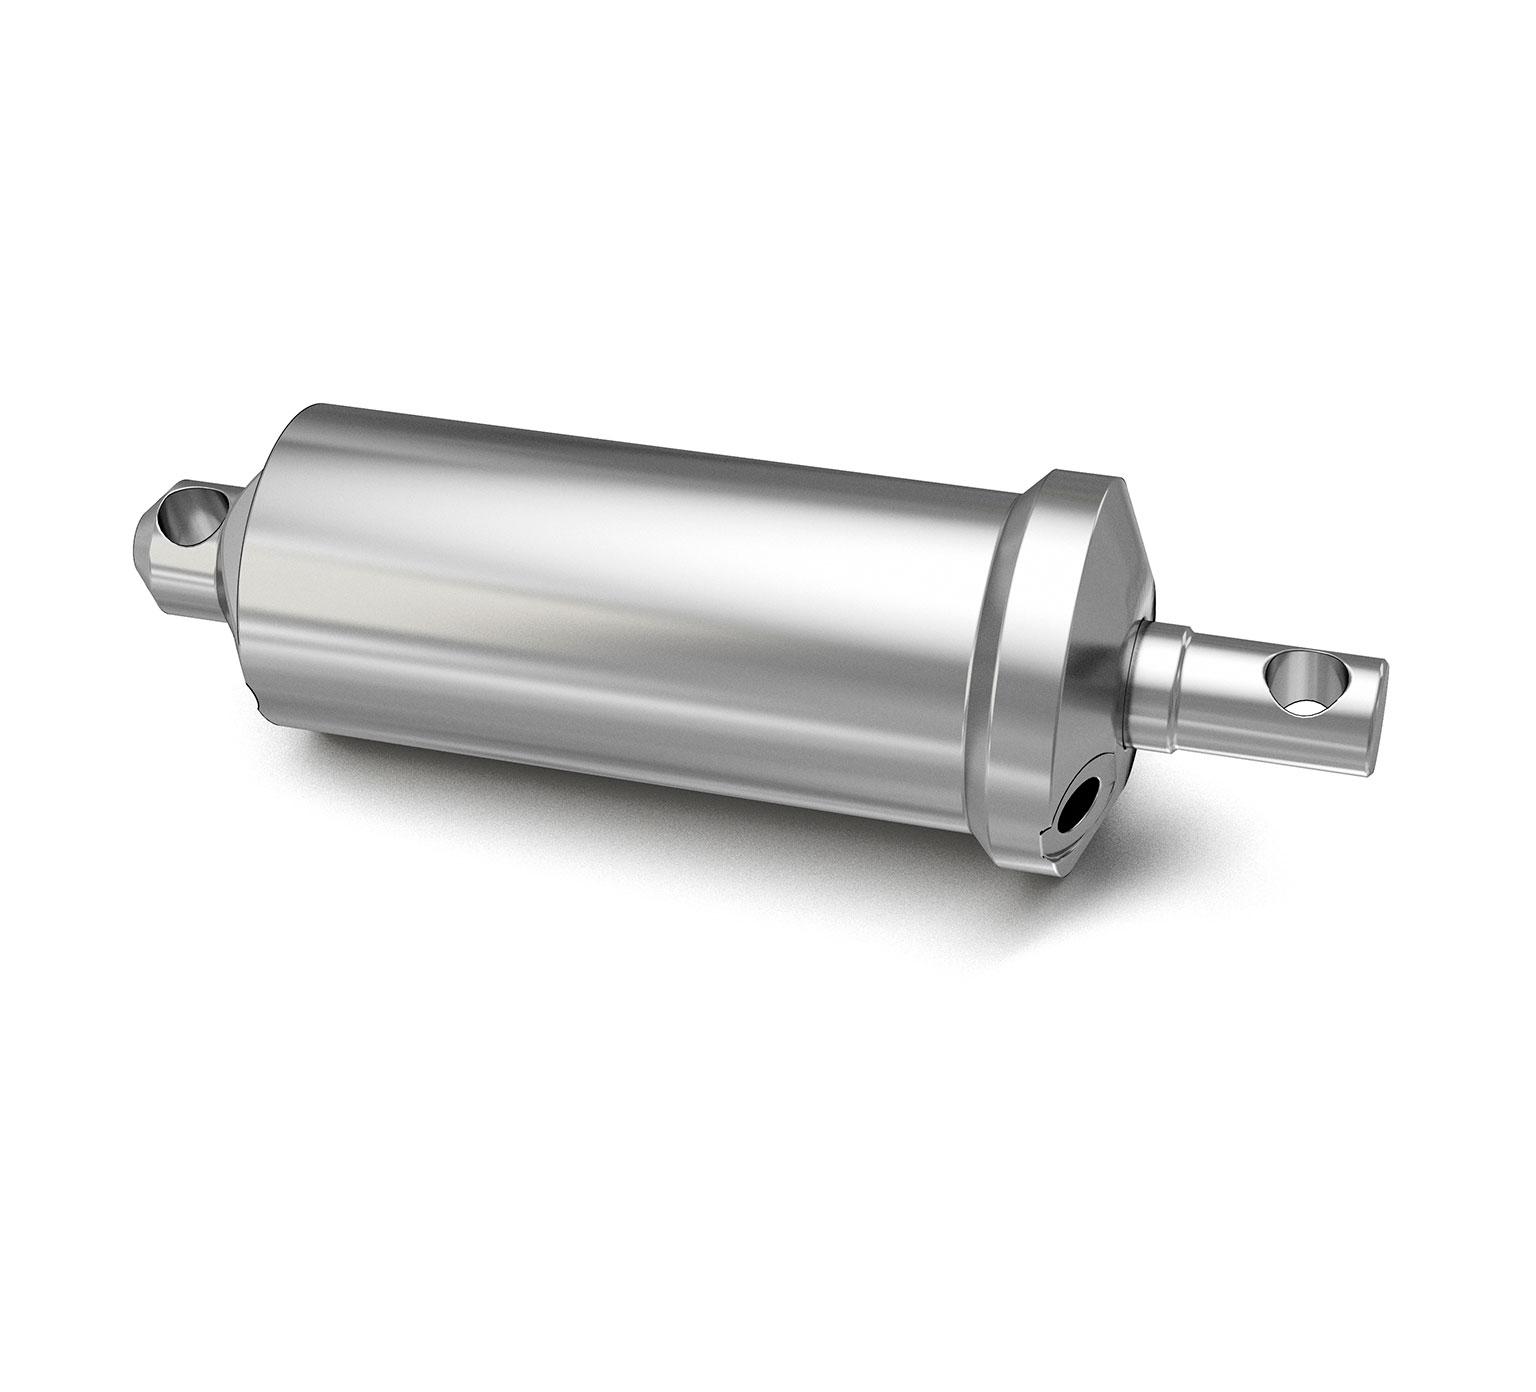 2500 PSI Hydraulic Cylinder 1038176